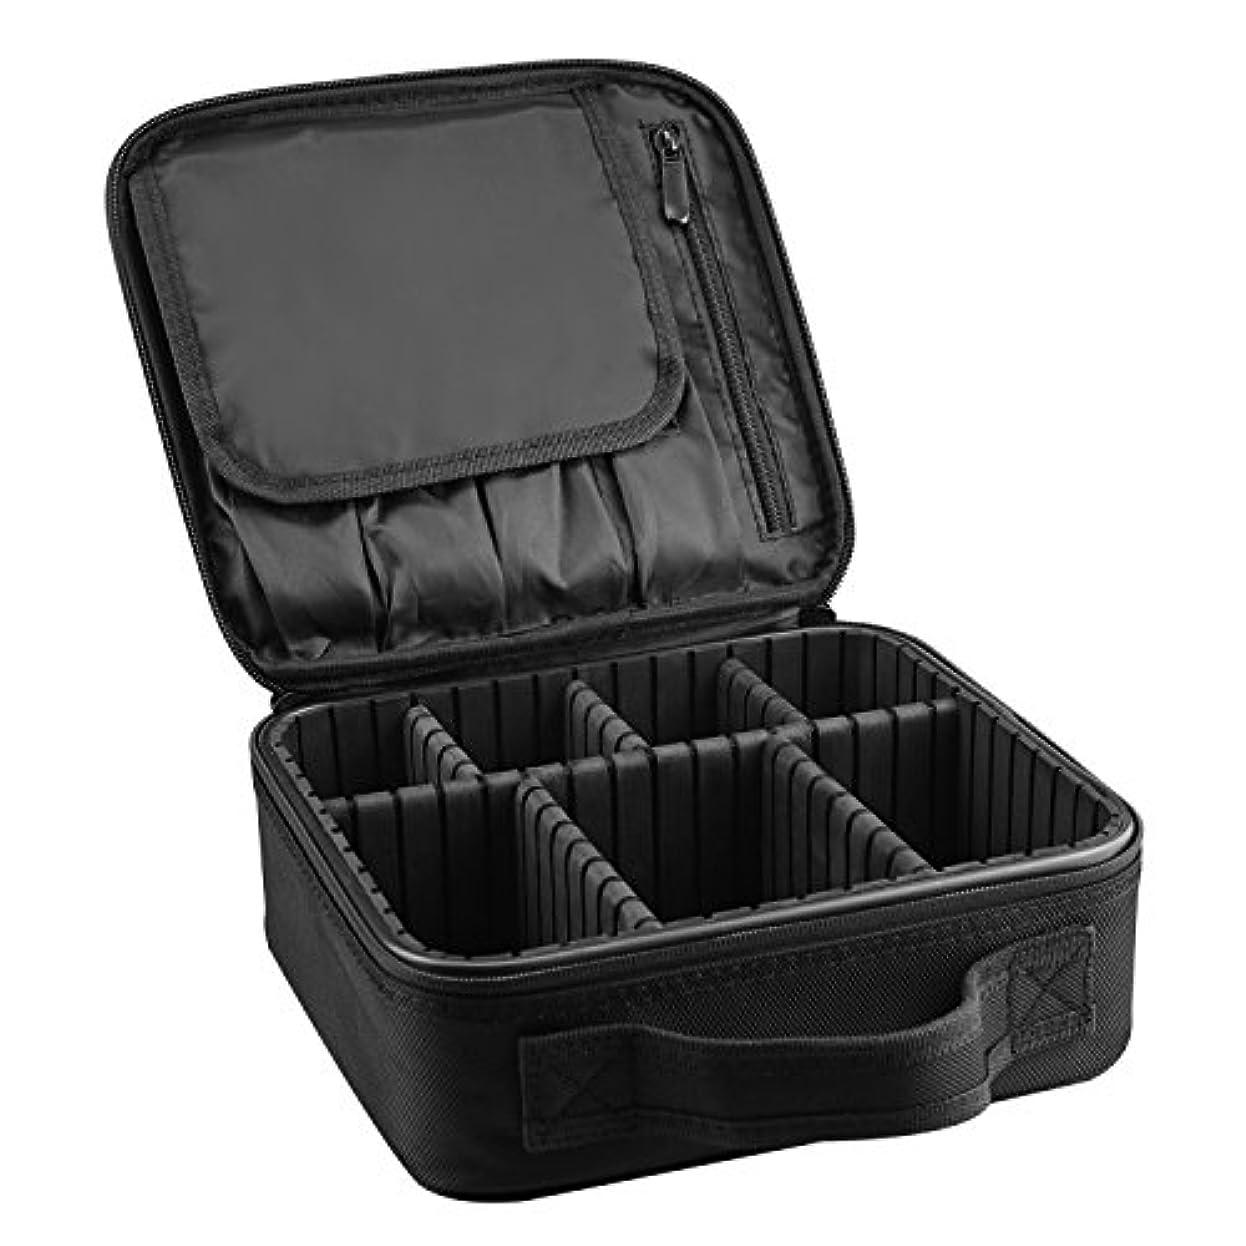 氷可塑性電気ArcEnCiel メイクボックス プロ用 メイクブラシ 化粧道具 小物収納 コスメボックス